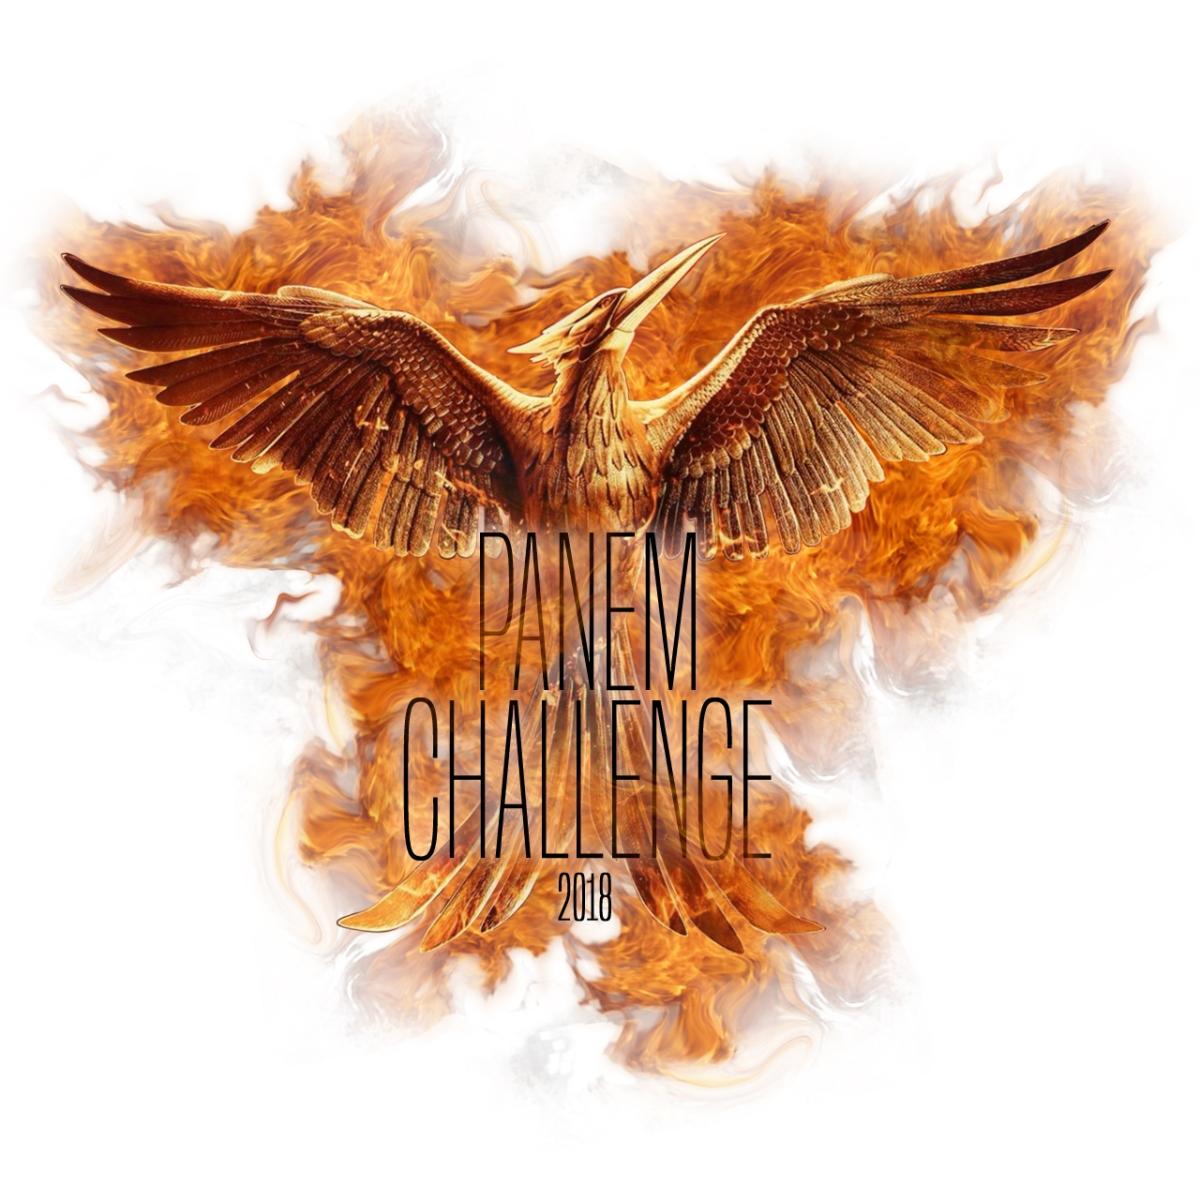 challengepng_large_jpg.jpg